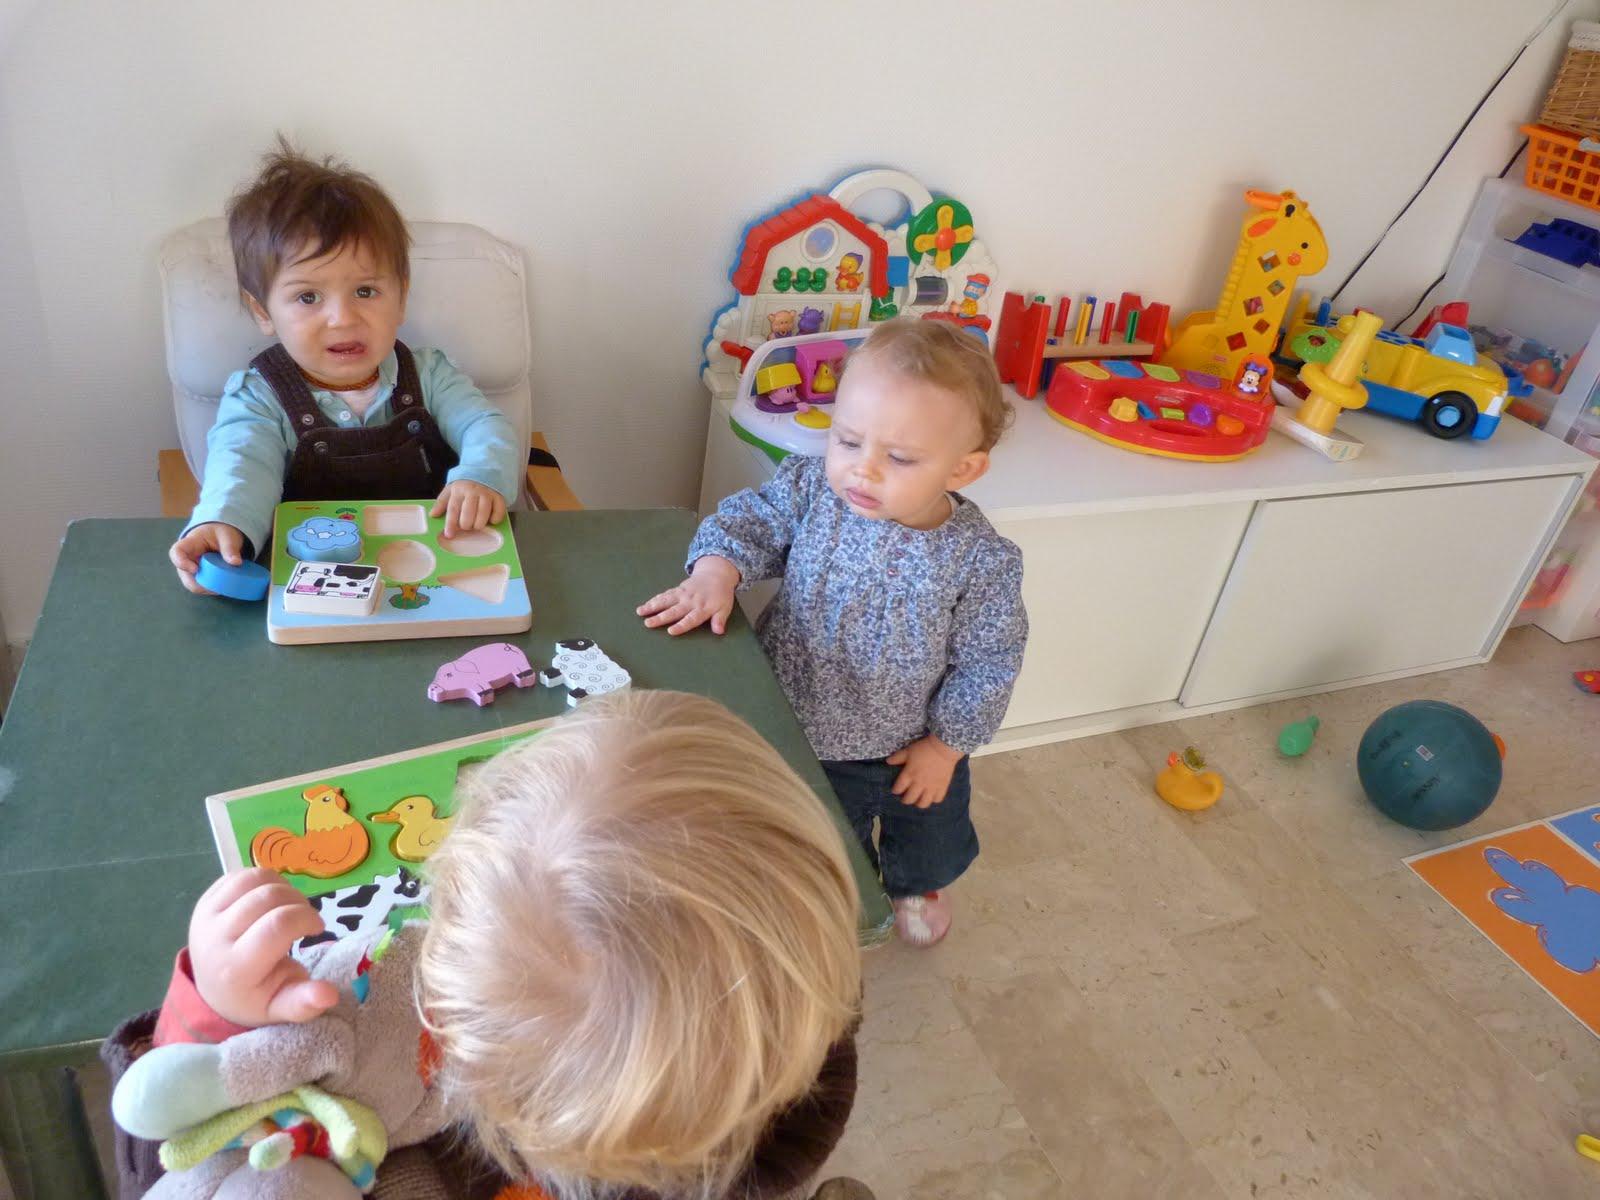 assistante maternelle agreee antibes golfe juan dans notre nouvelle salle de jeux. Black Bedroom Furniture Sets. Home Design Ideas